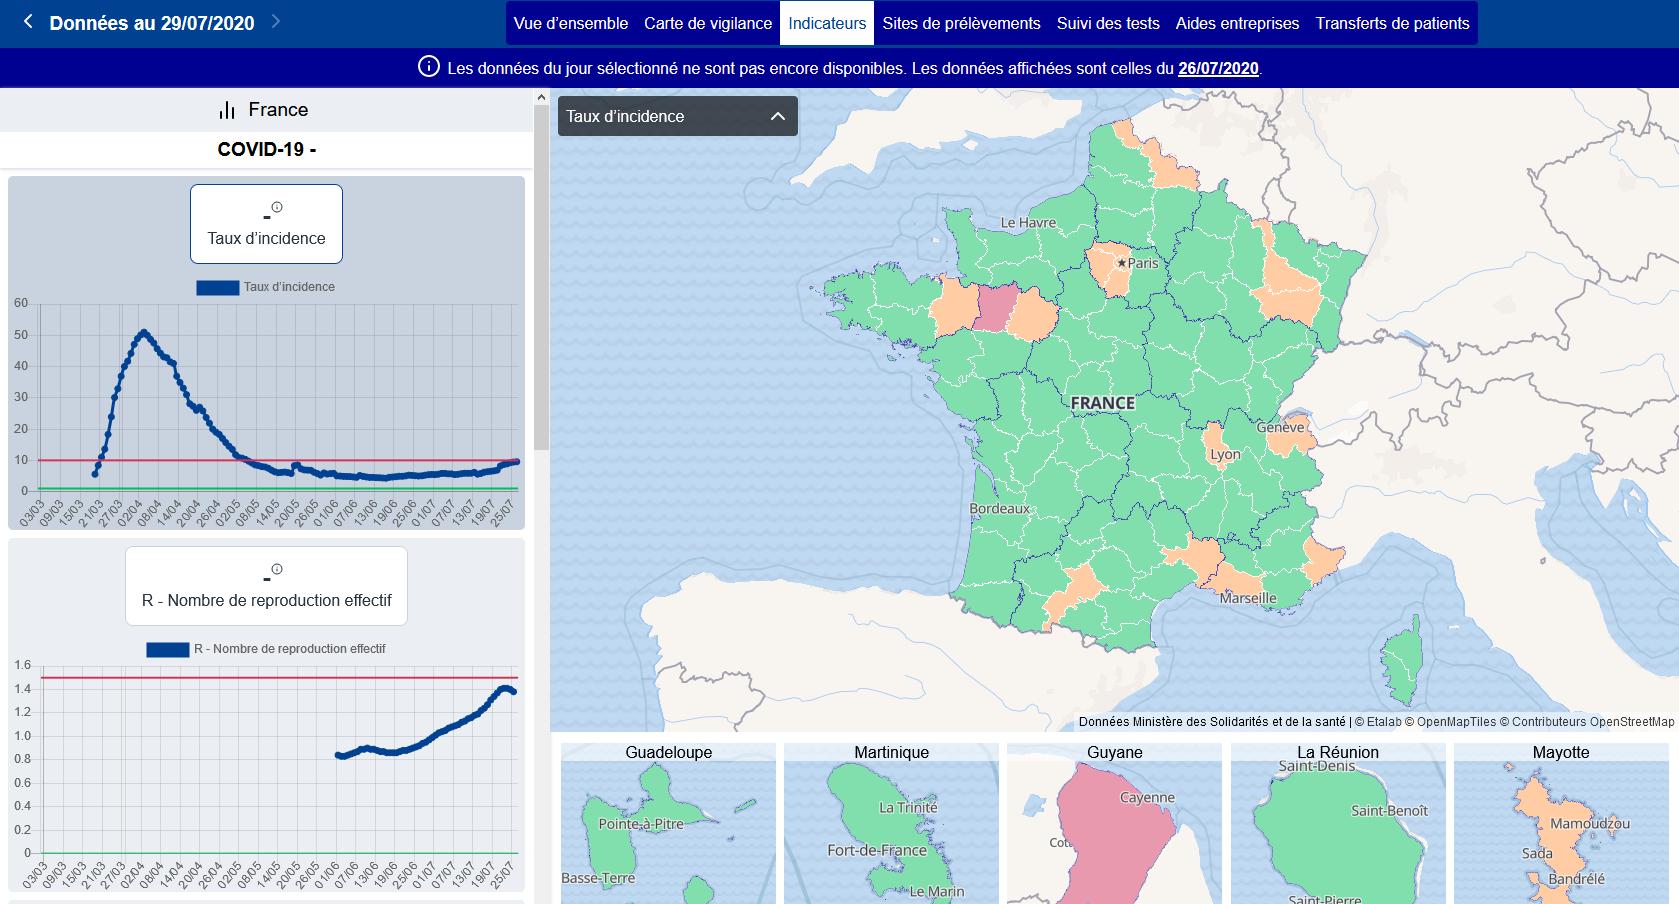 Le taux d'incidence au 26 juillet 2020 (capture d'écran réalisée le 30 juillet)